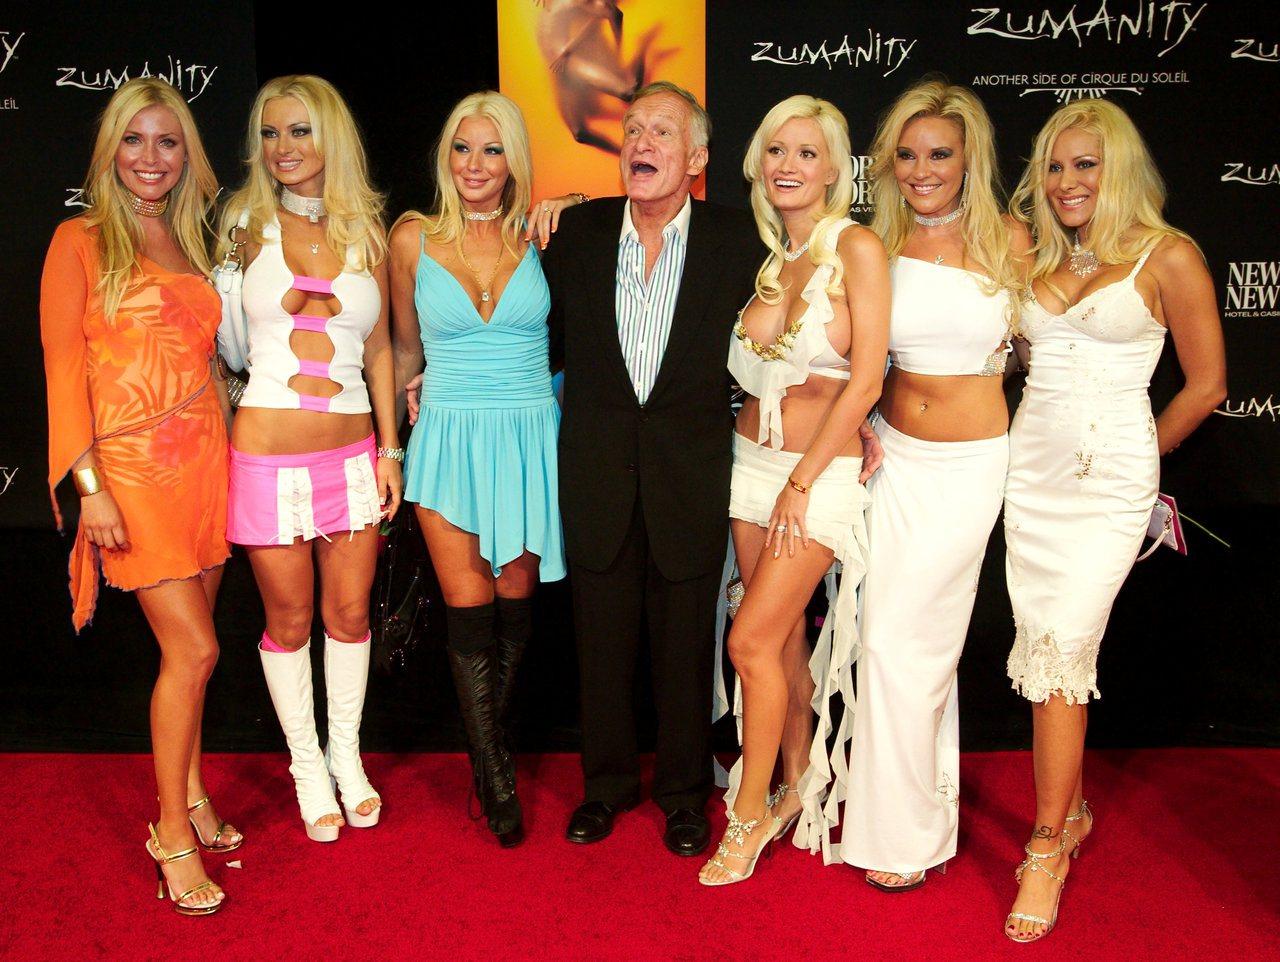 海夫納偕六名女友於2003年至賭城看太陽馬戲團新節目。路透